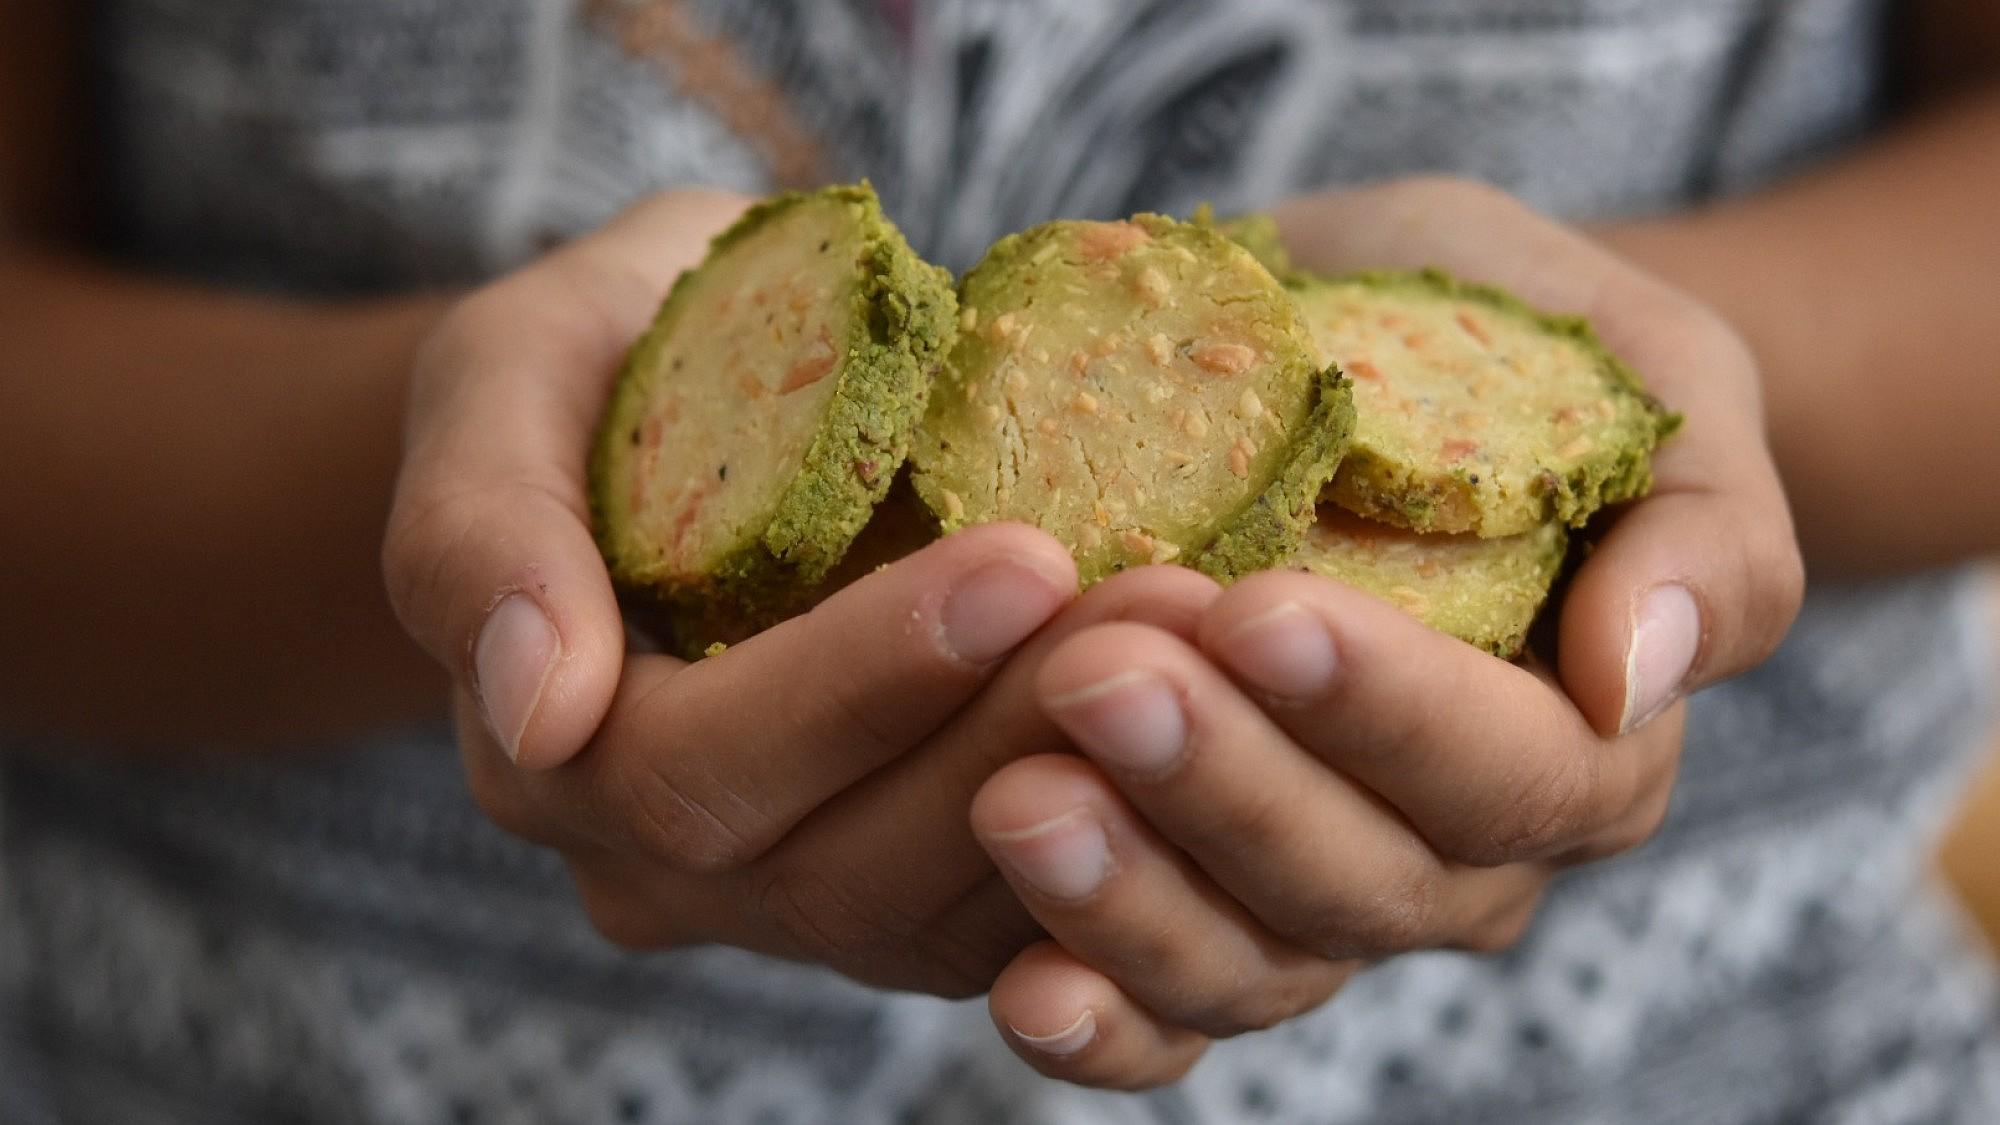 עוגיות מנצ'גו ופיסטוק. מתכון וצילום: חן קורן בשיתוף באשר פרומז'רי